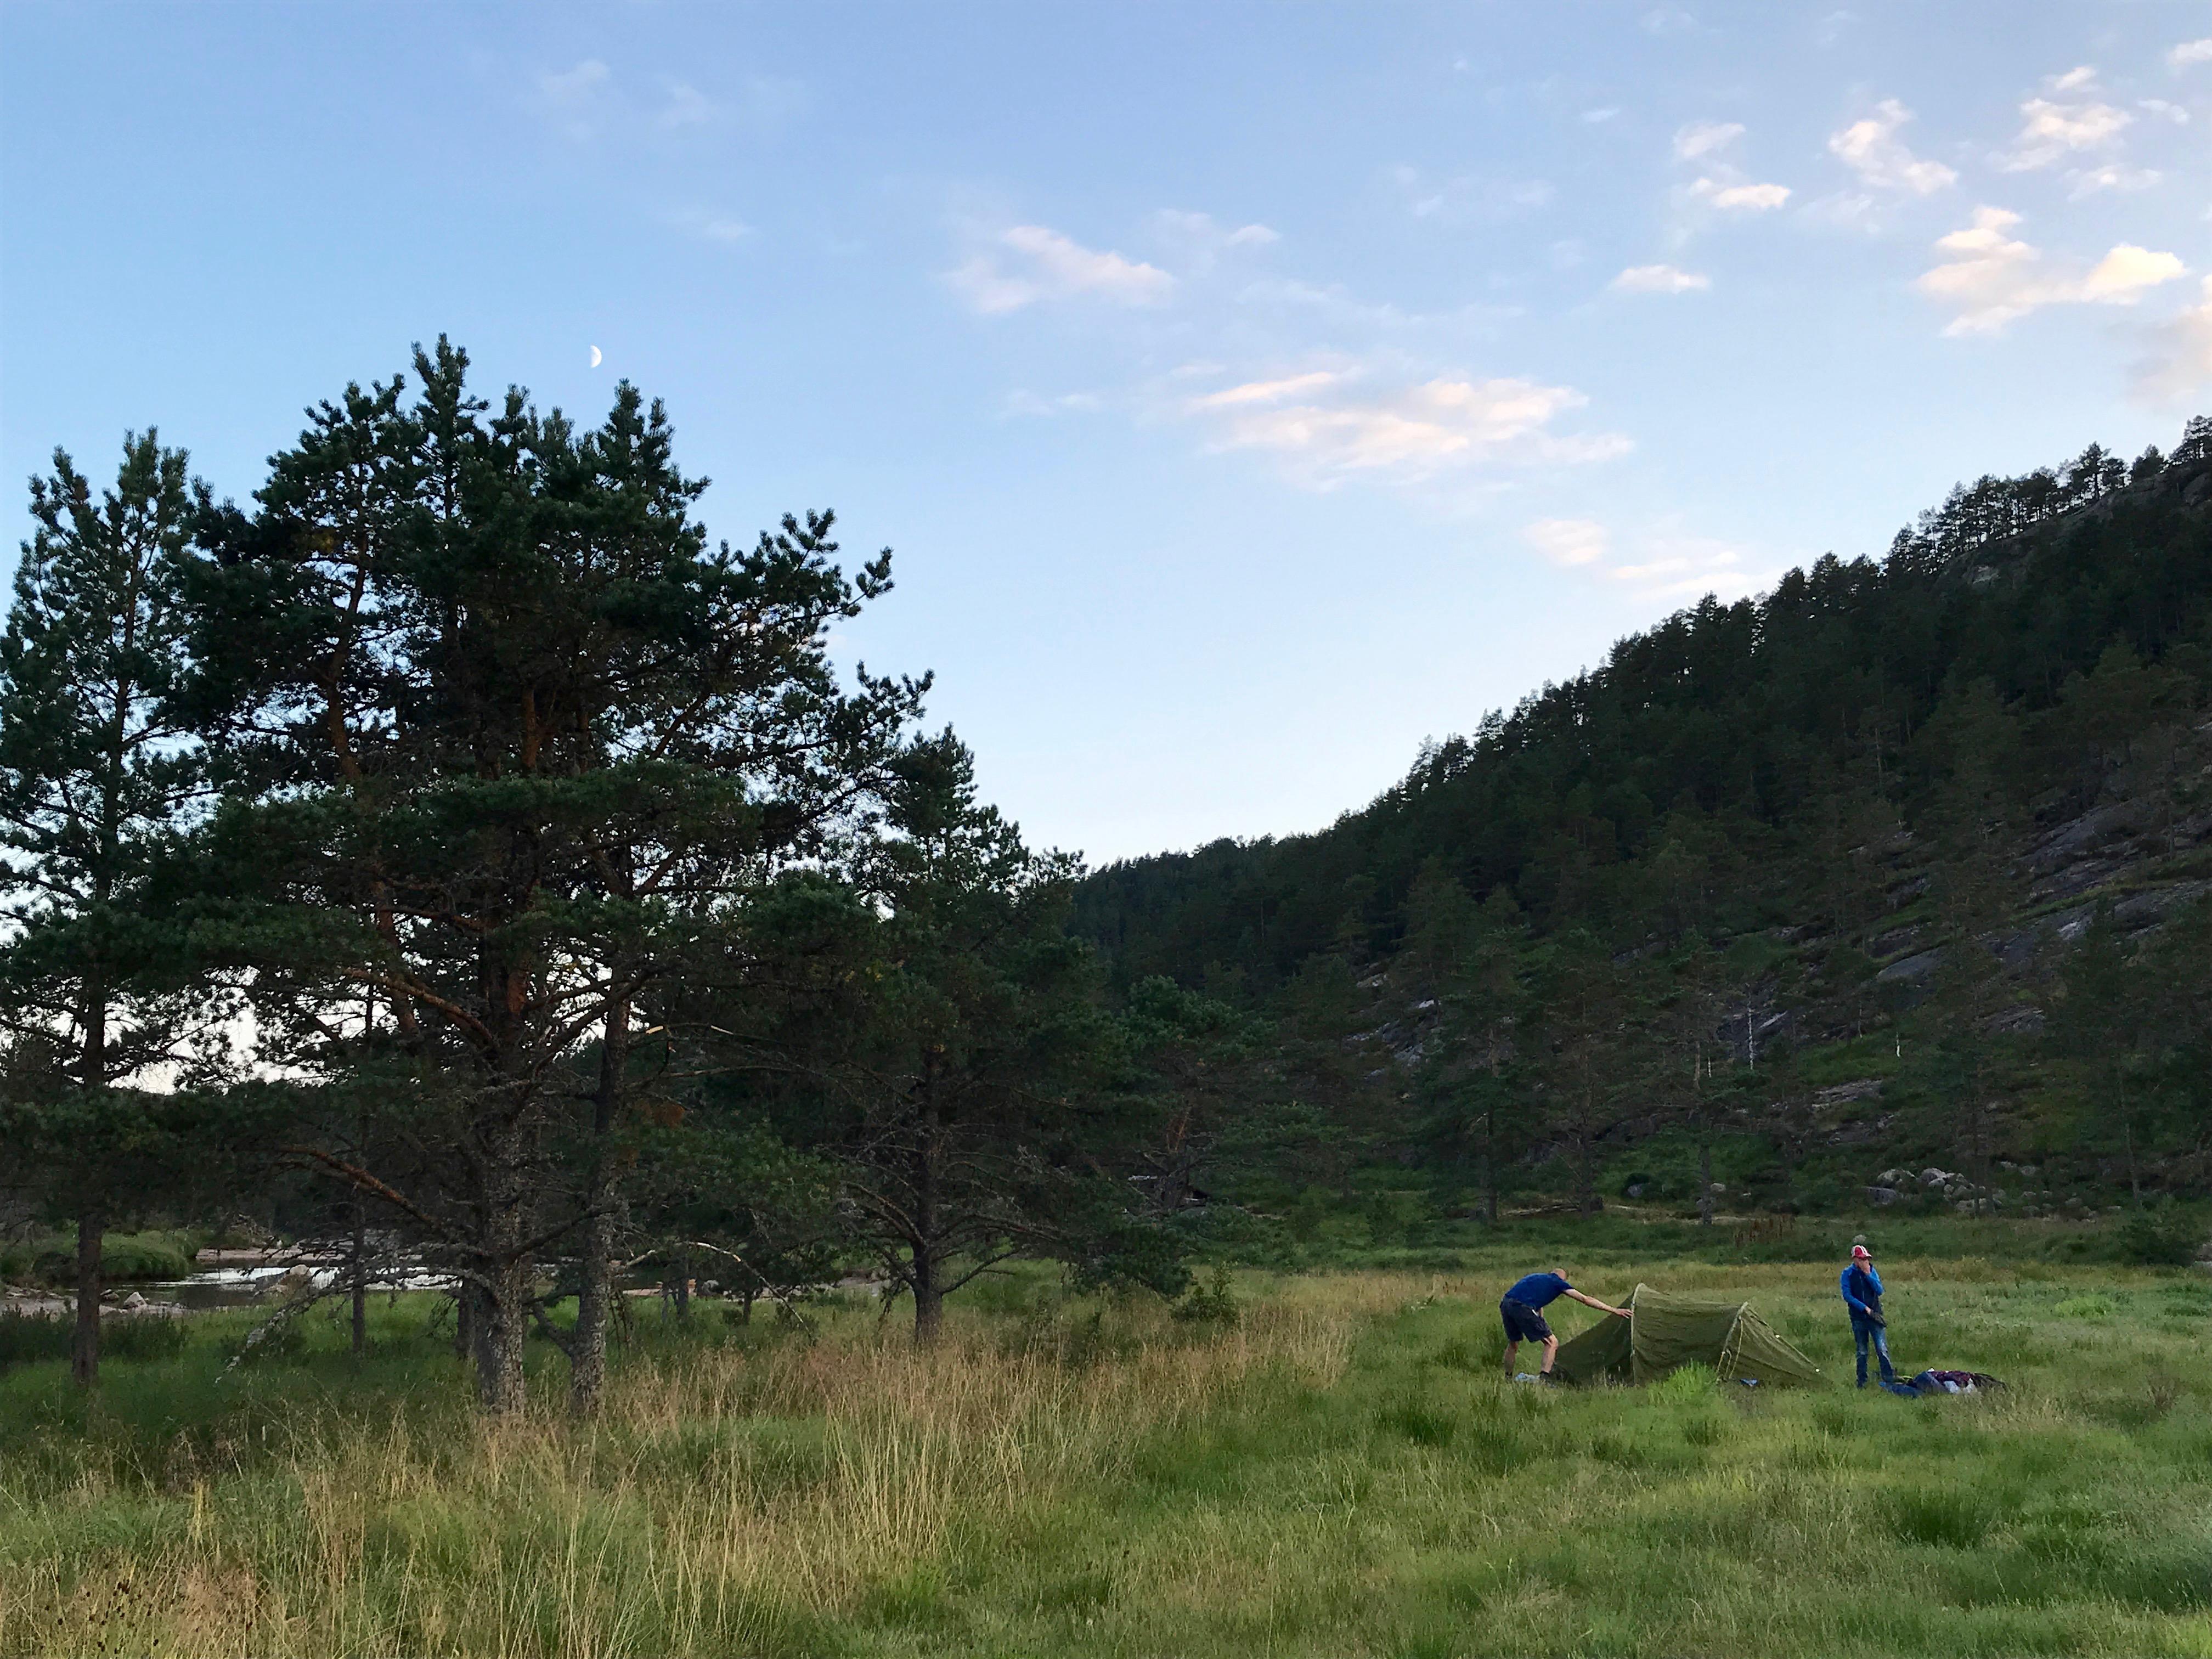 Wildkamperen in Noorwegen